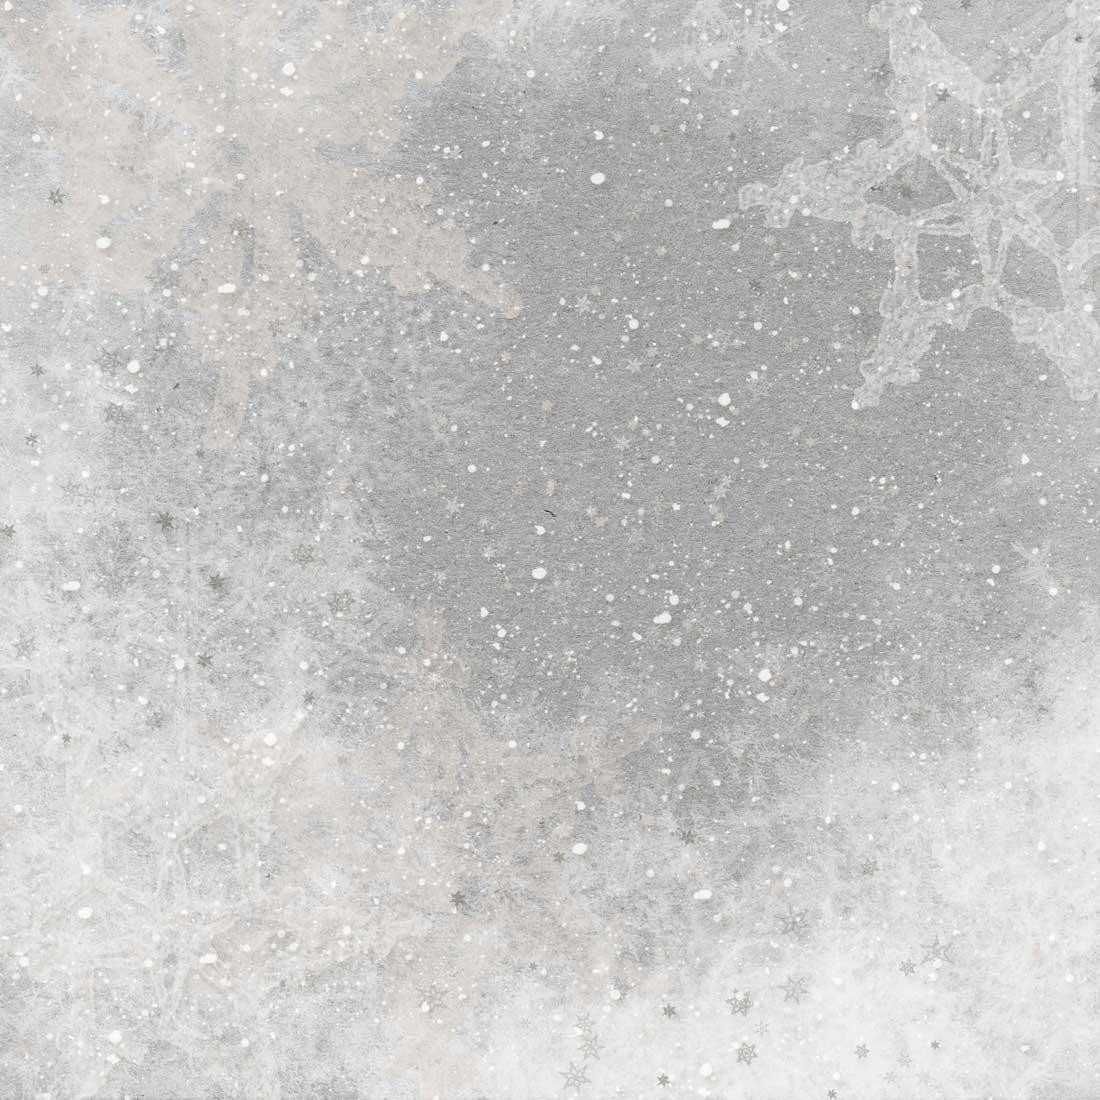 nbk-mistyfrost-p05